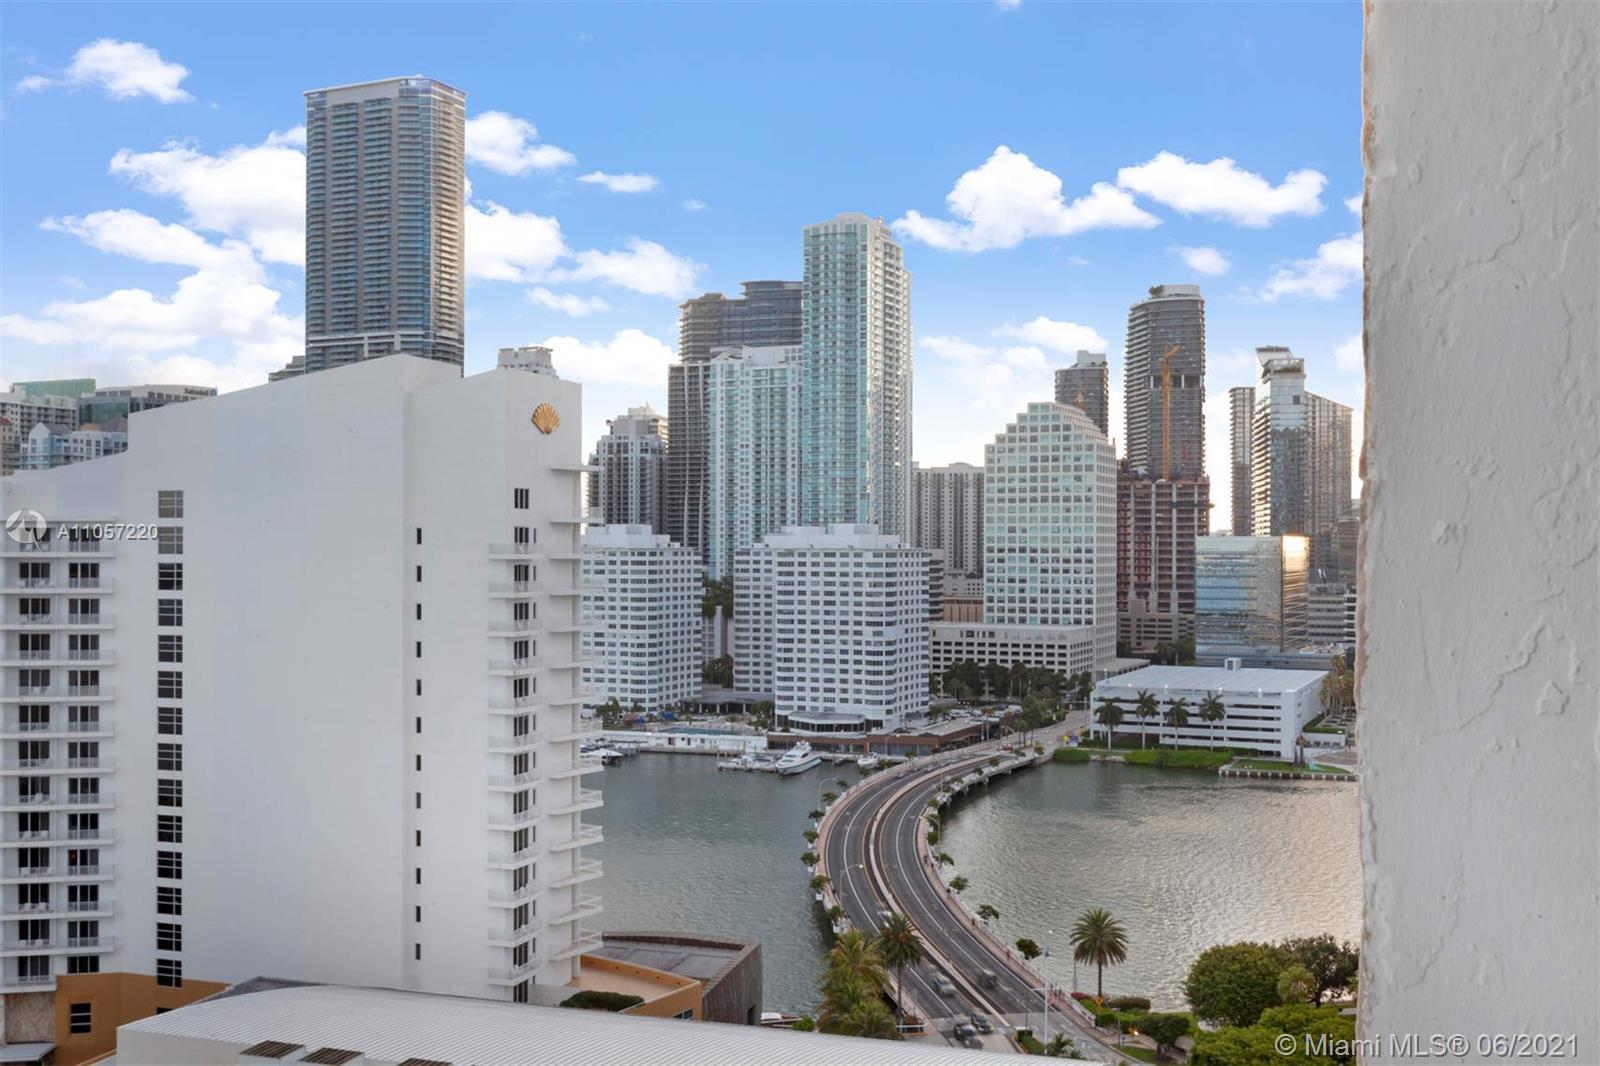 Isola #PH-12 - 770 Claughton Island Dr #PH-12, Miami, FL 33131